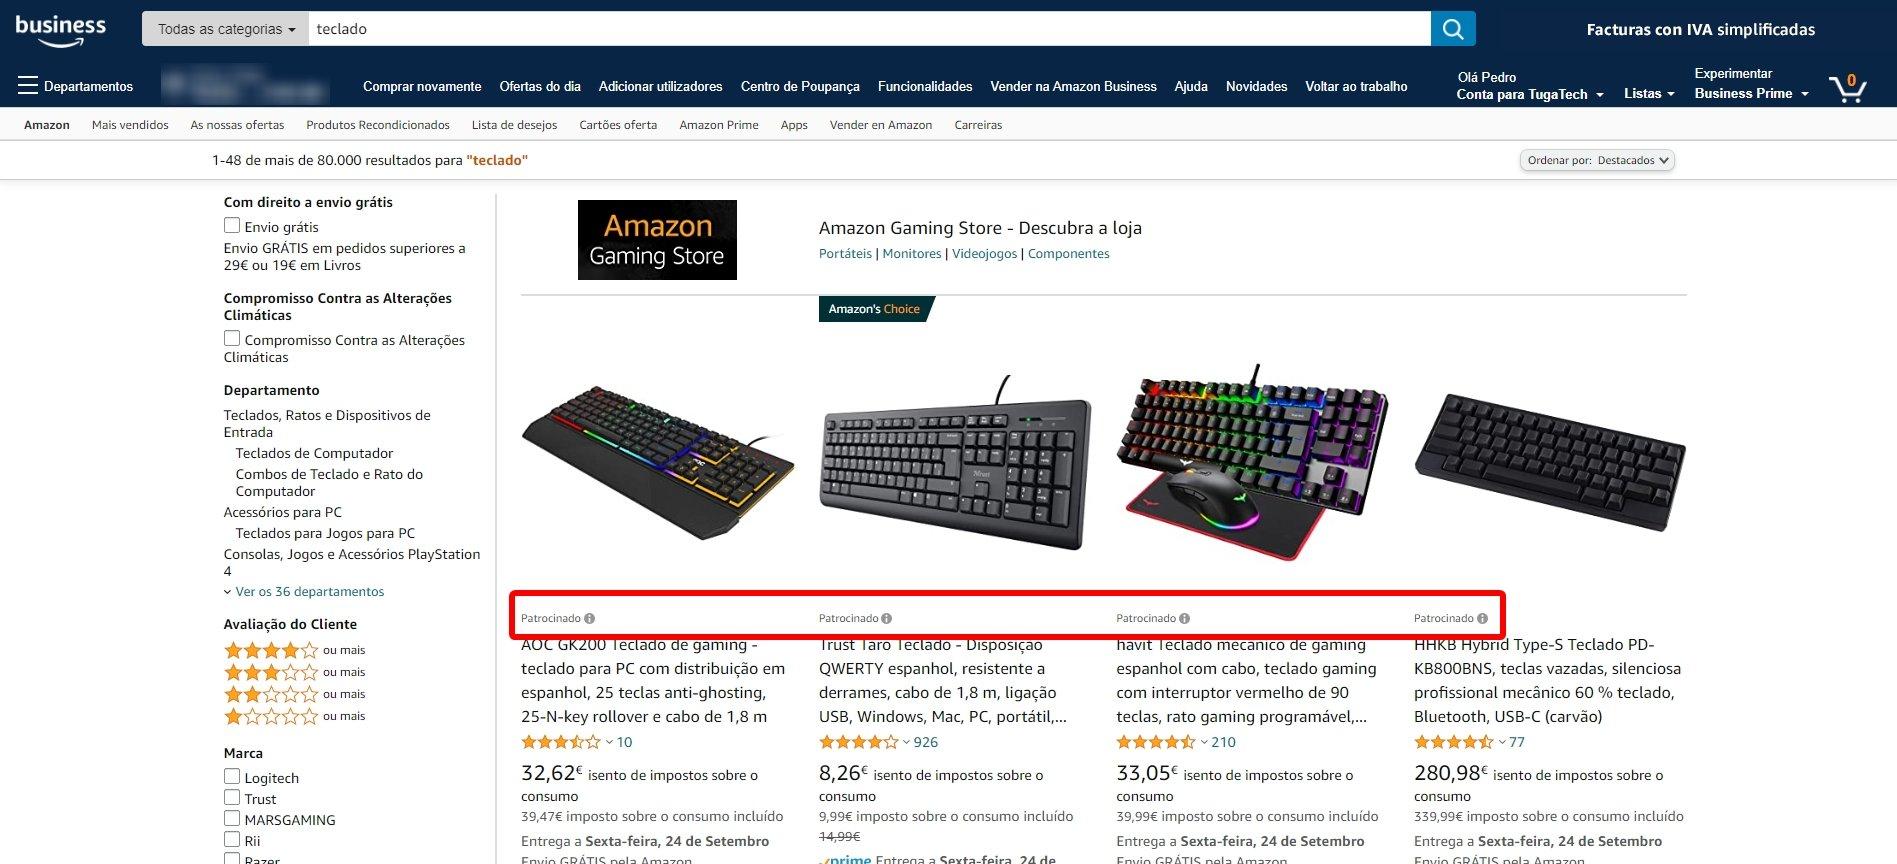 amazon com produtos patrocinados